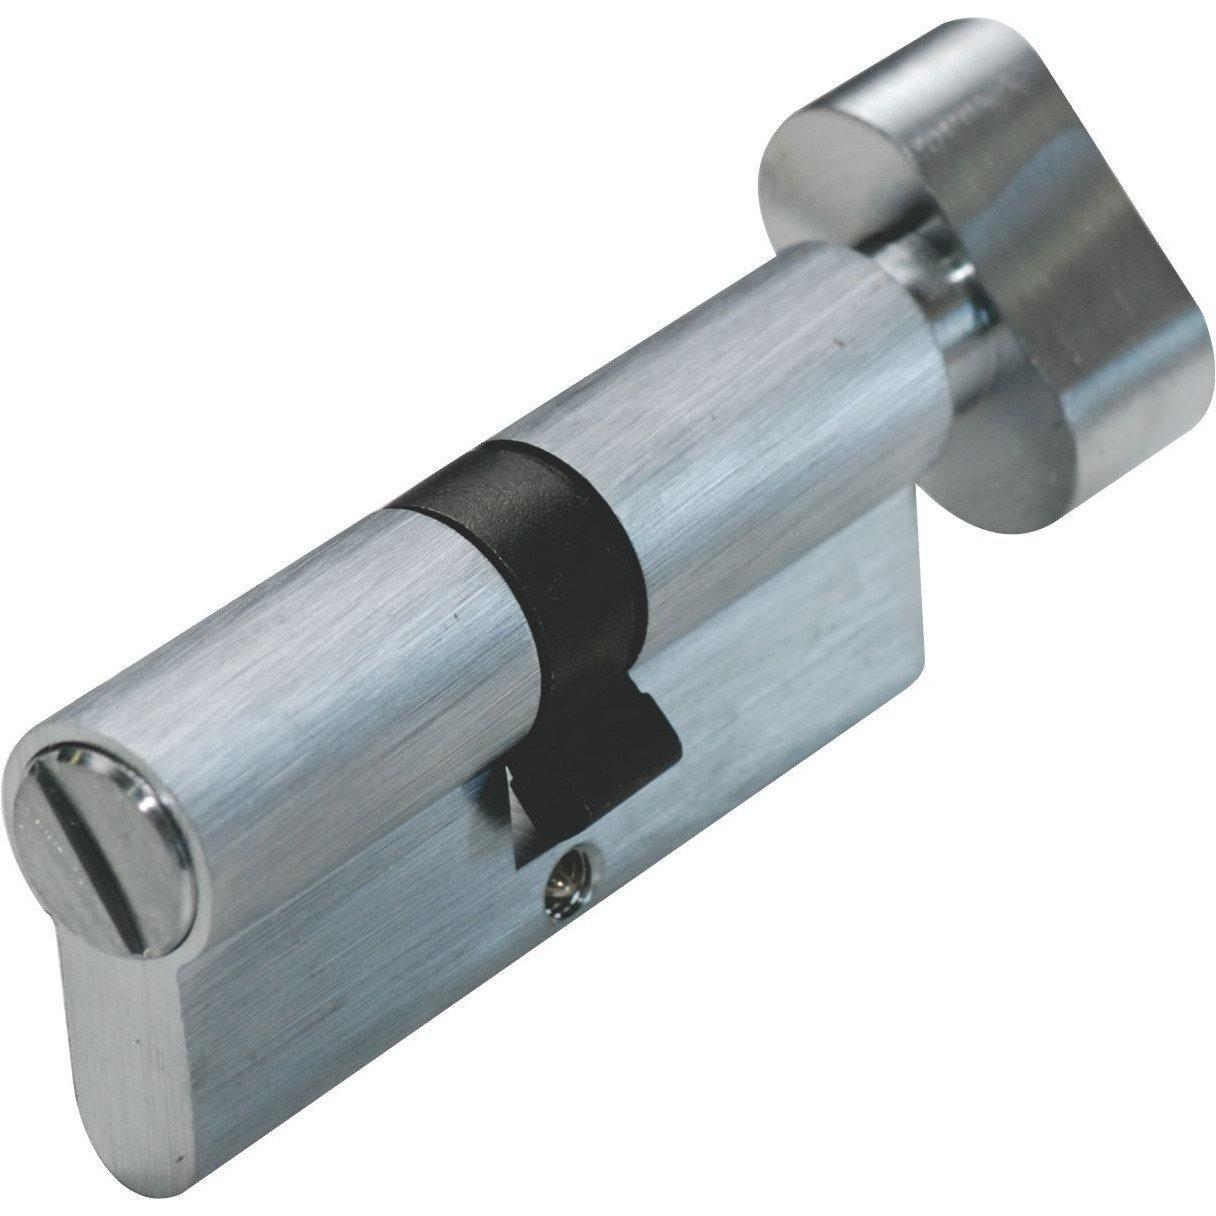 WC knob cylinder